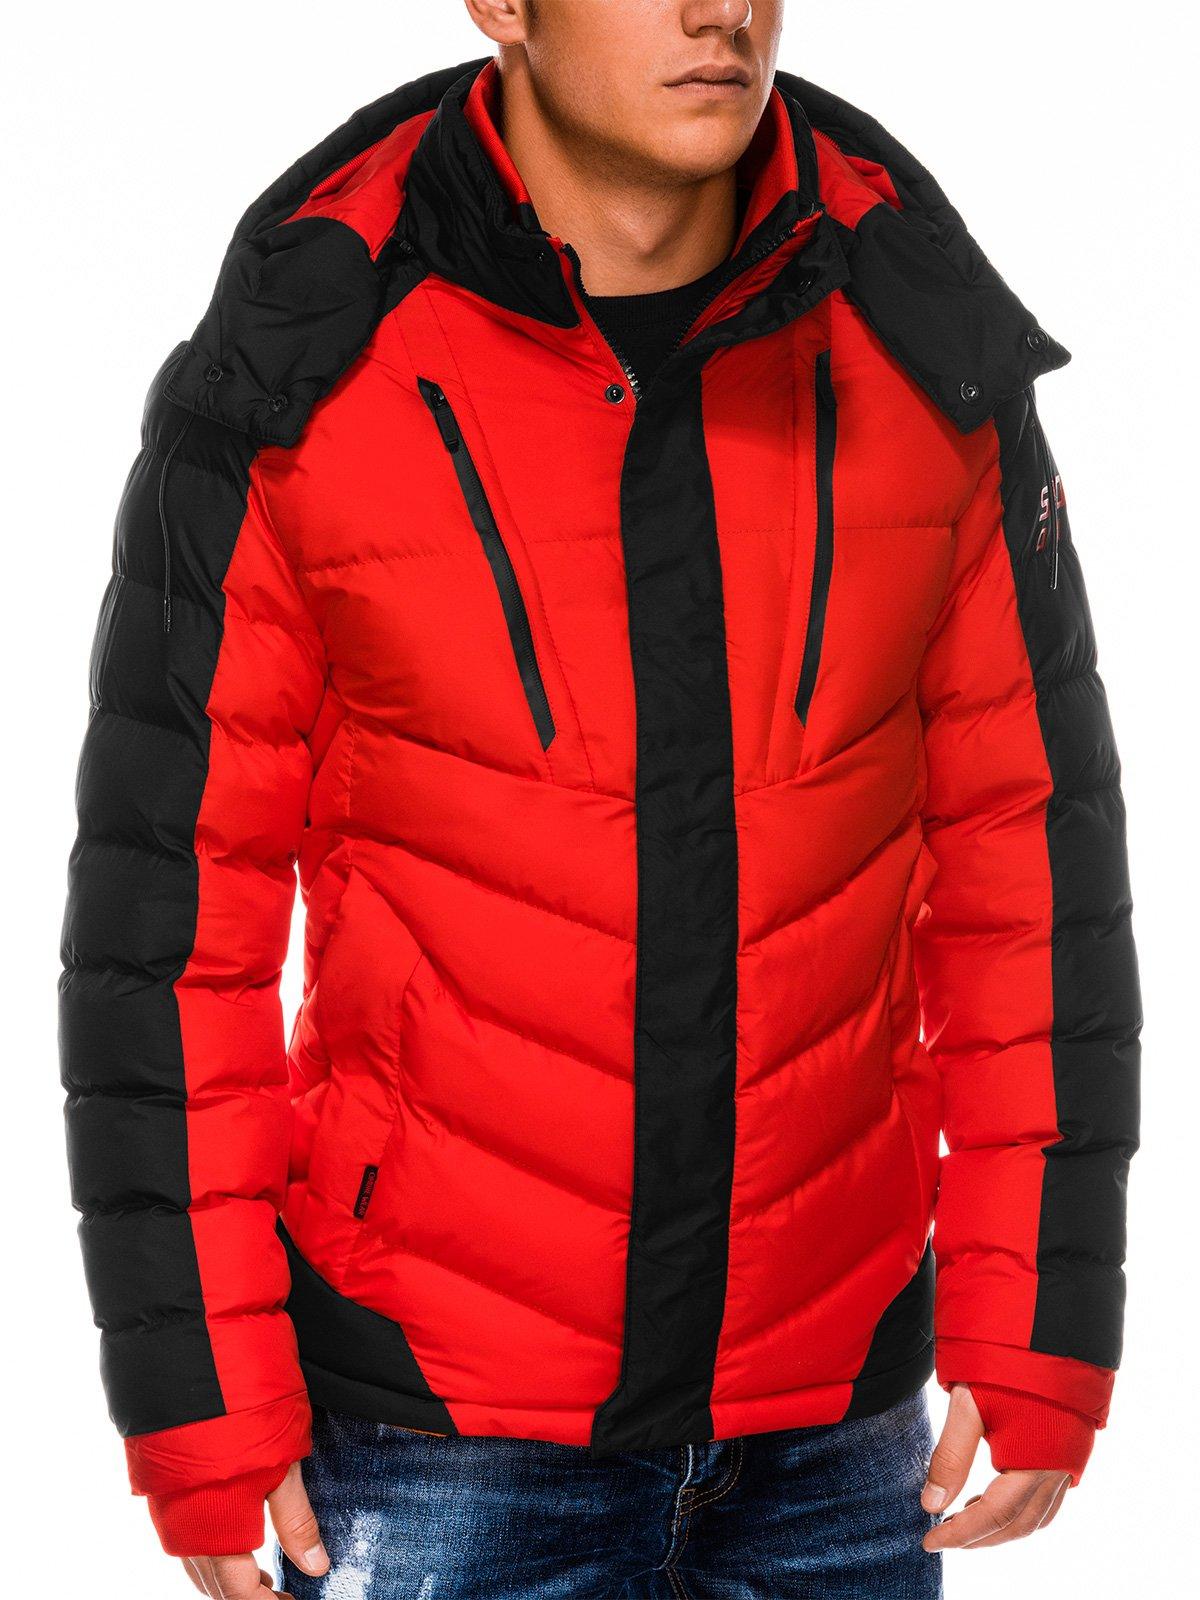 Kurtka męska zimowa pikowana C417 czerwona   MODONE